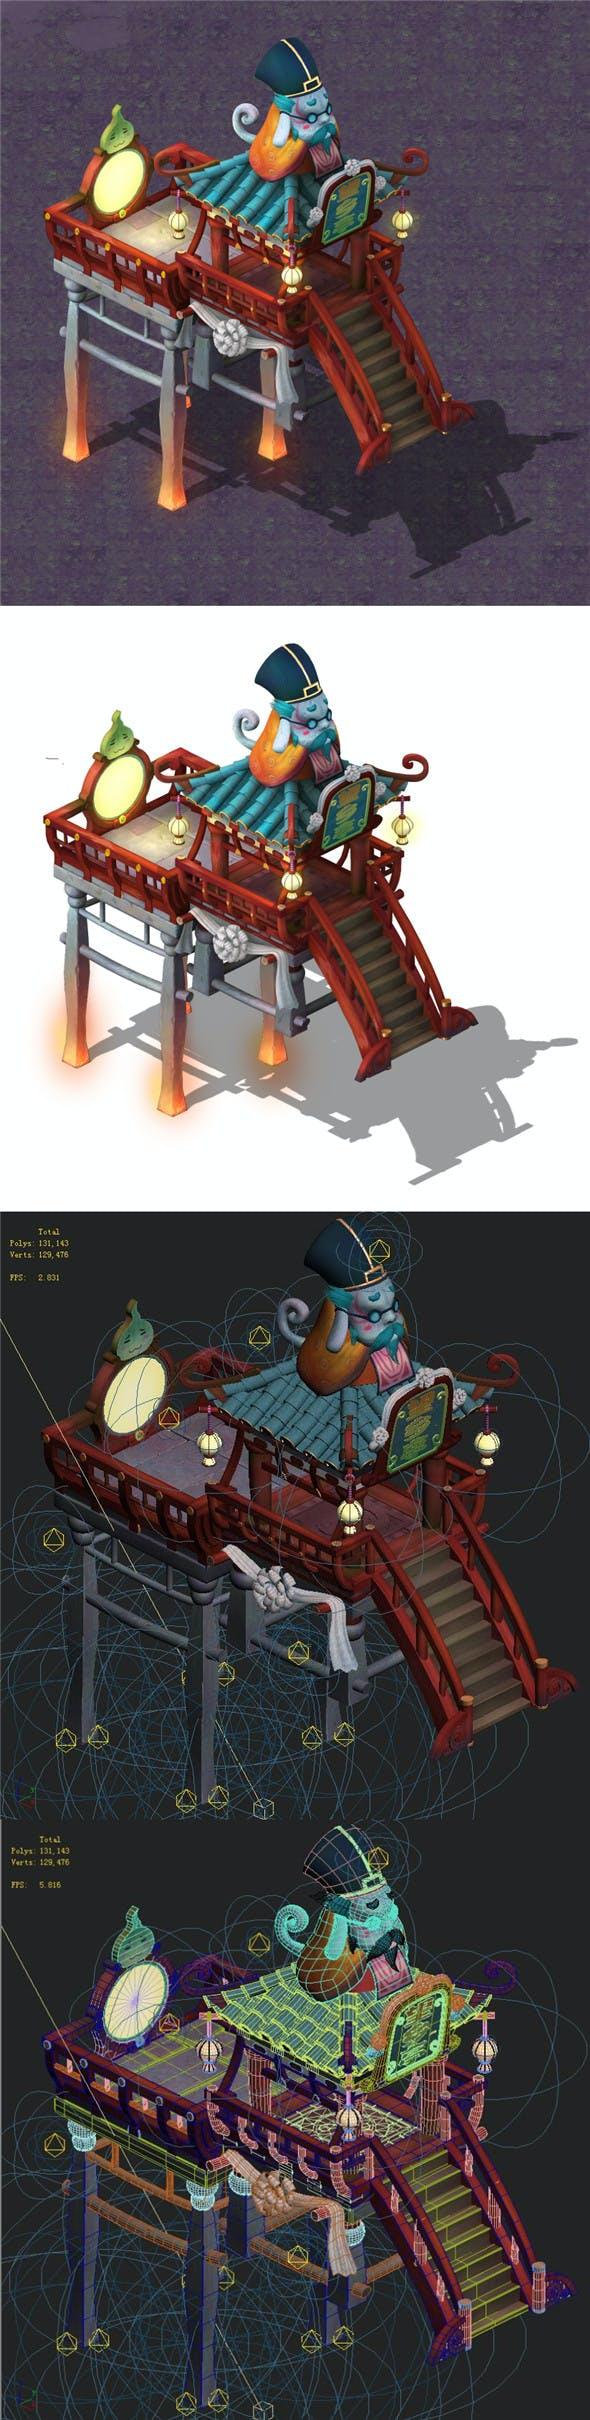 Cartoon hell - Look rural pavilion - 3DOcean Item for Sale